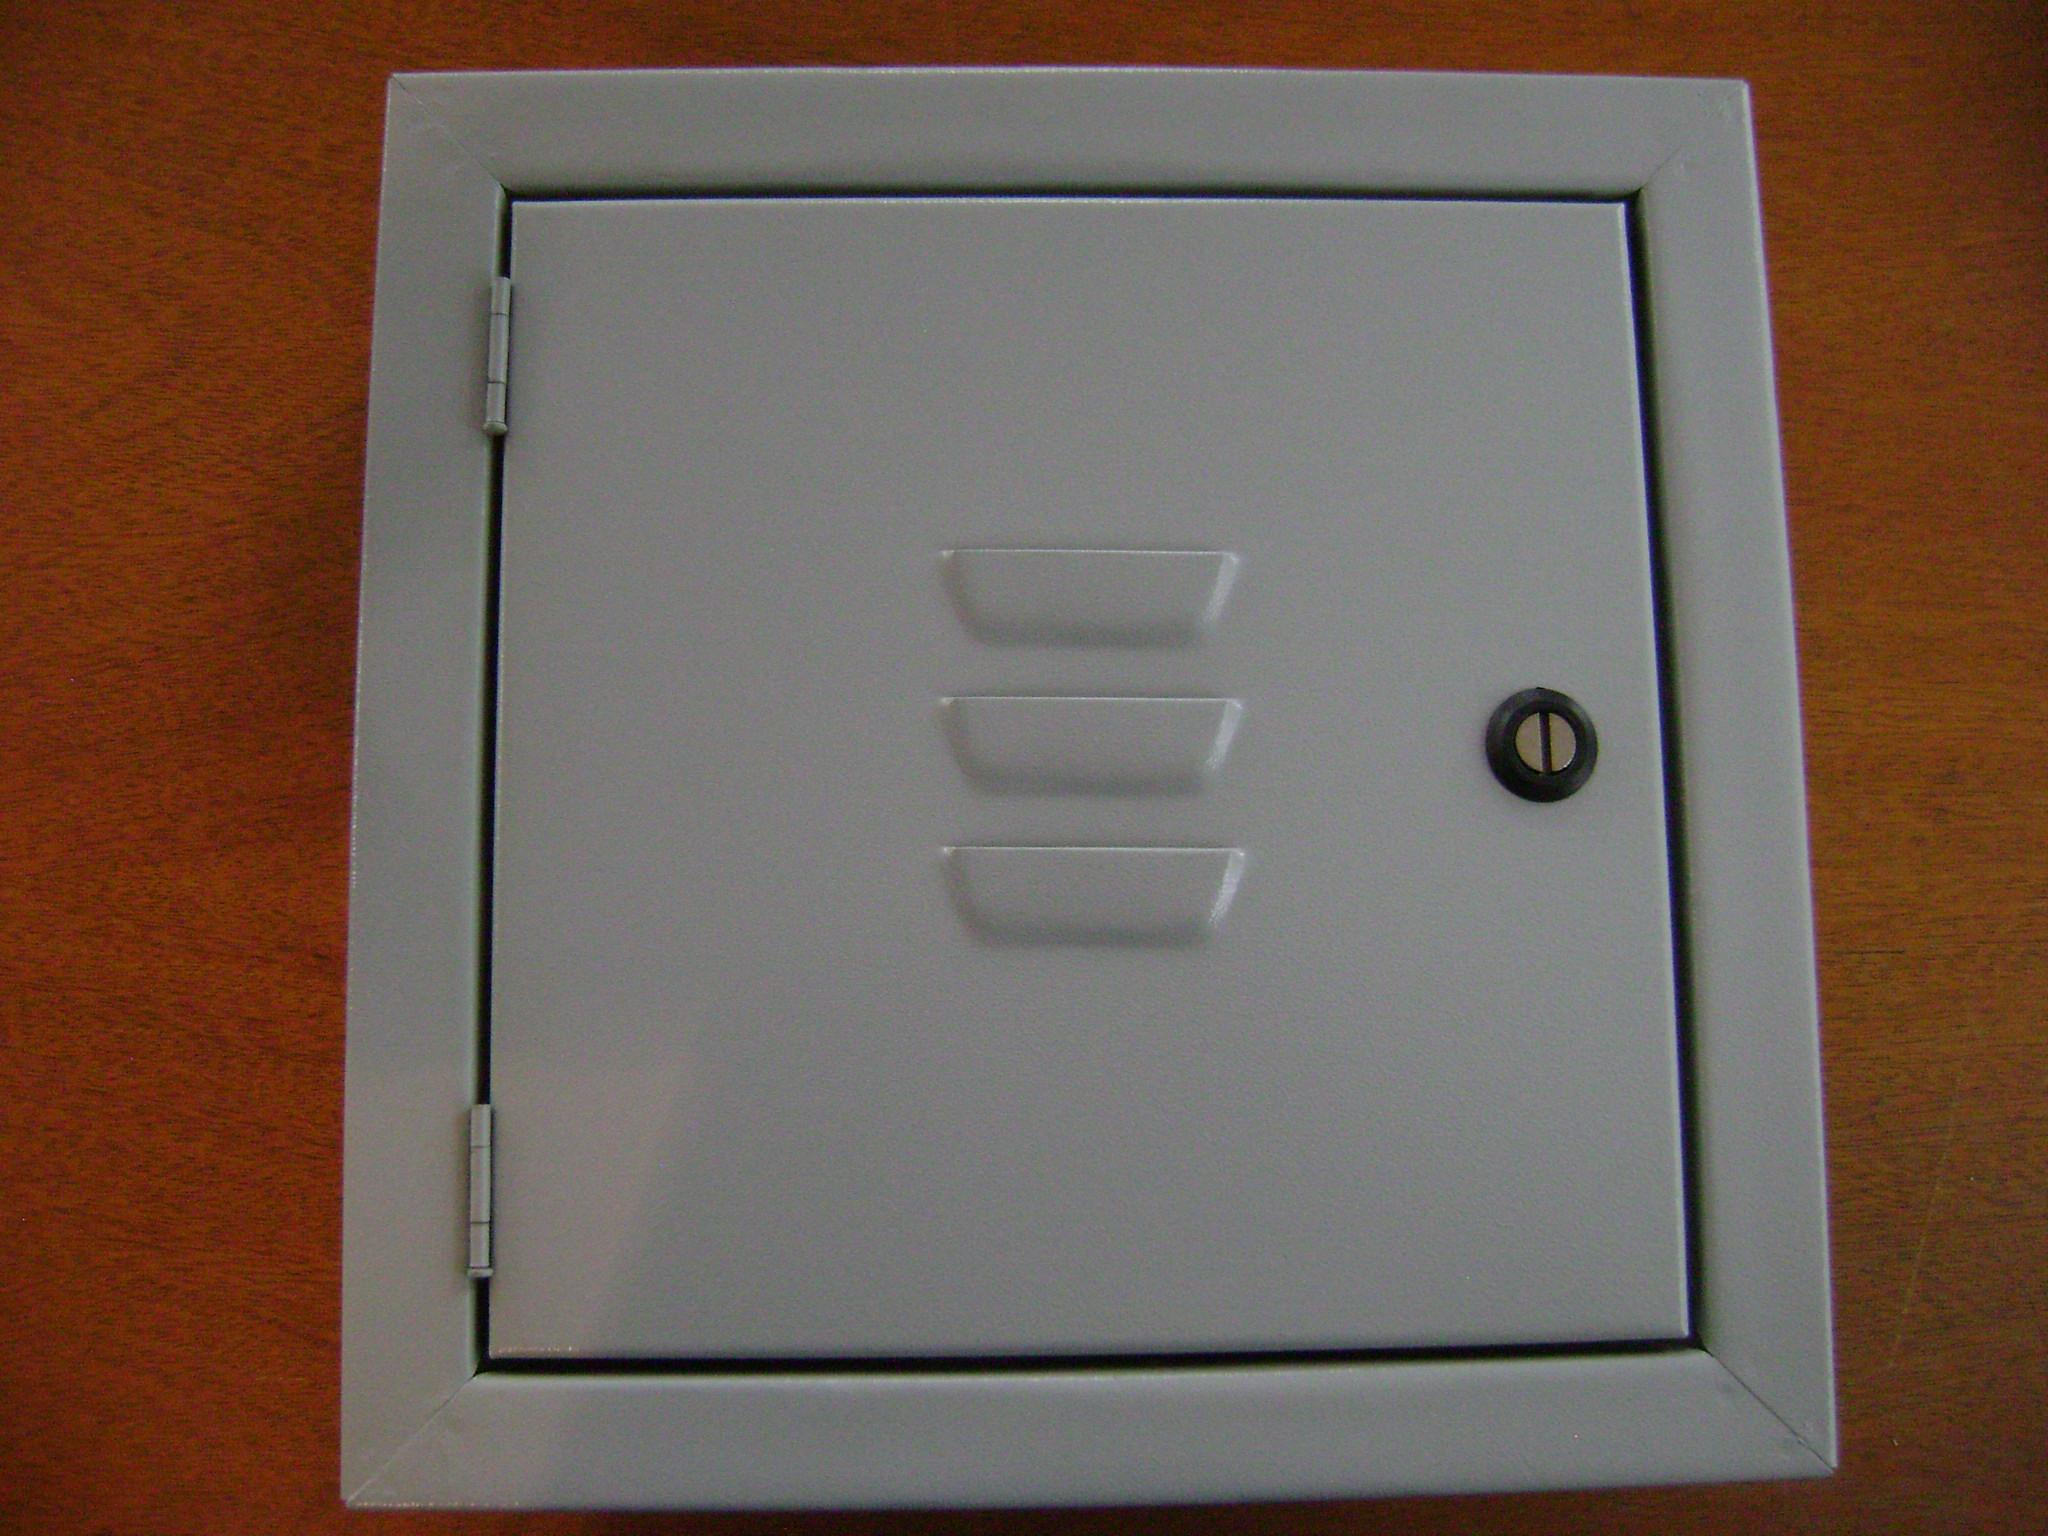 Caixa de Telefone 30 x 30 - Comércio PALOMAR de Ferro e Aço LTDA